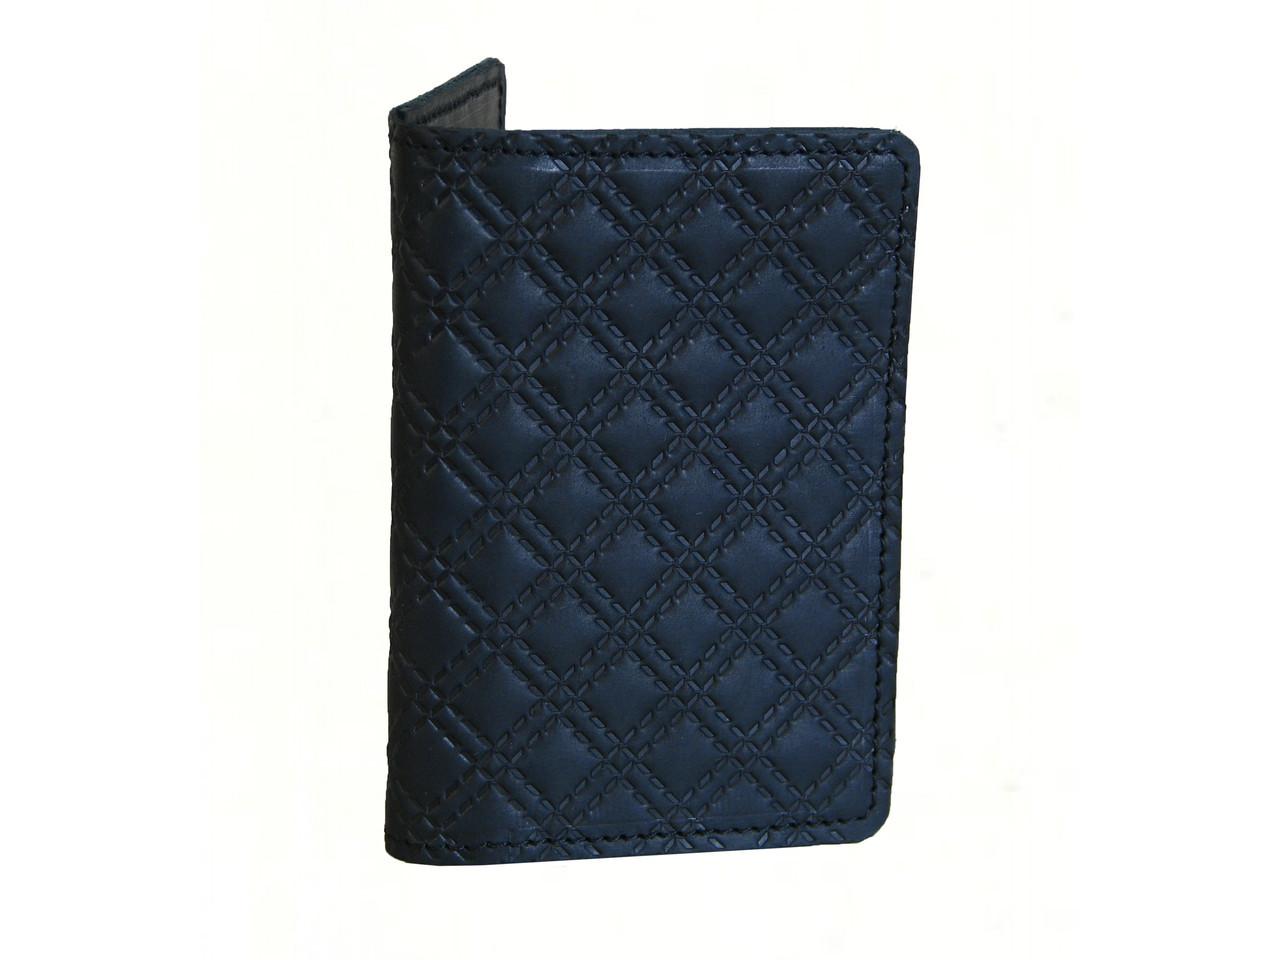 Обложка для паспорта с тиснением GS кожаная черная